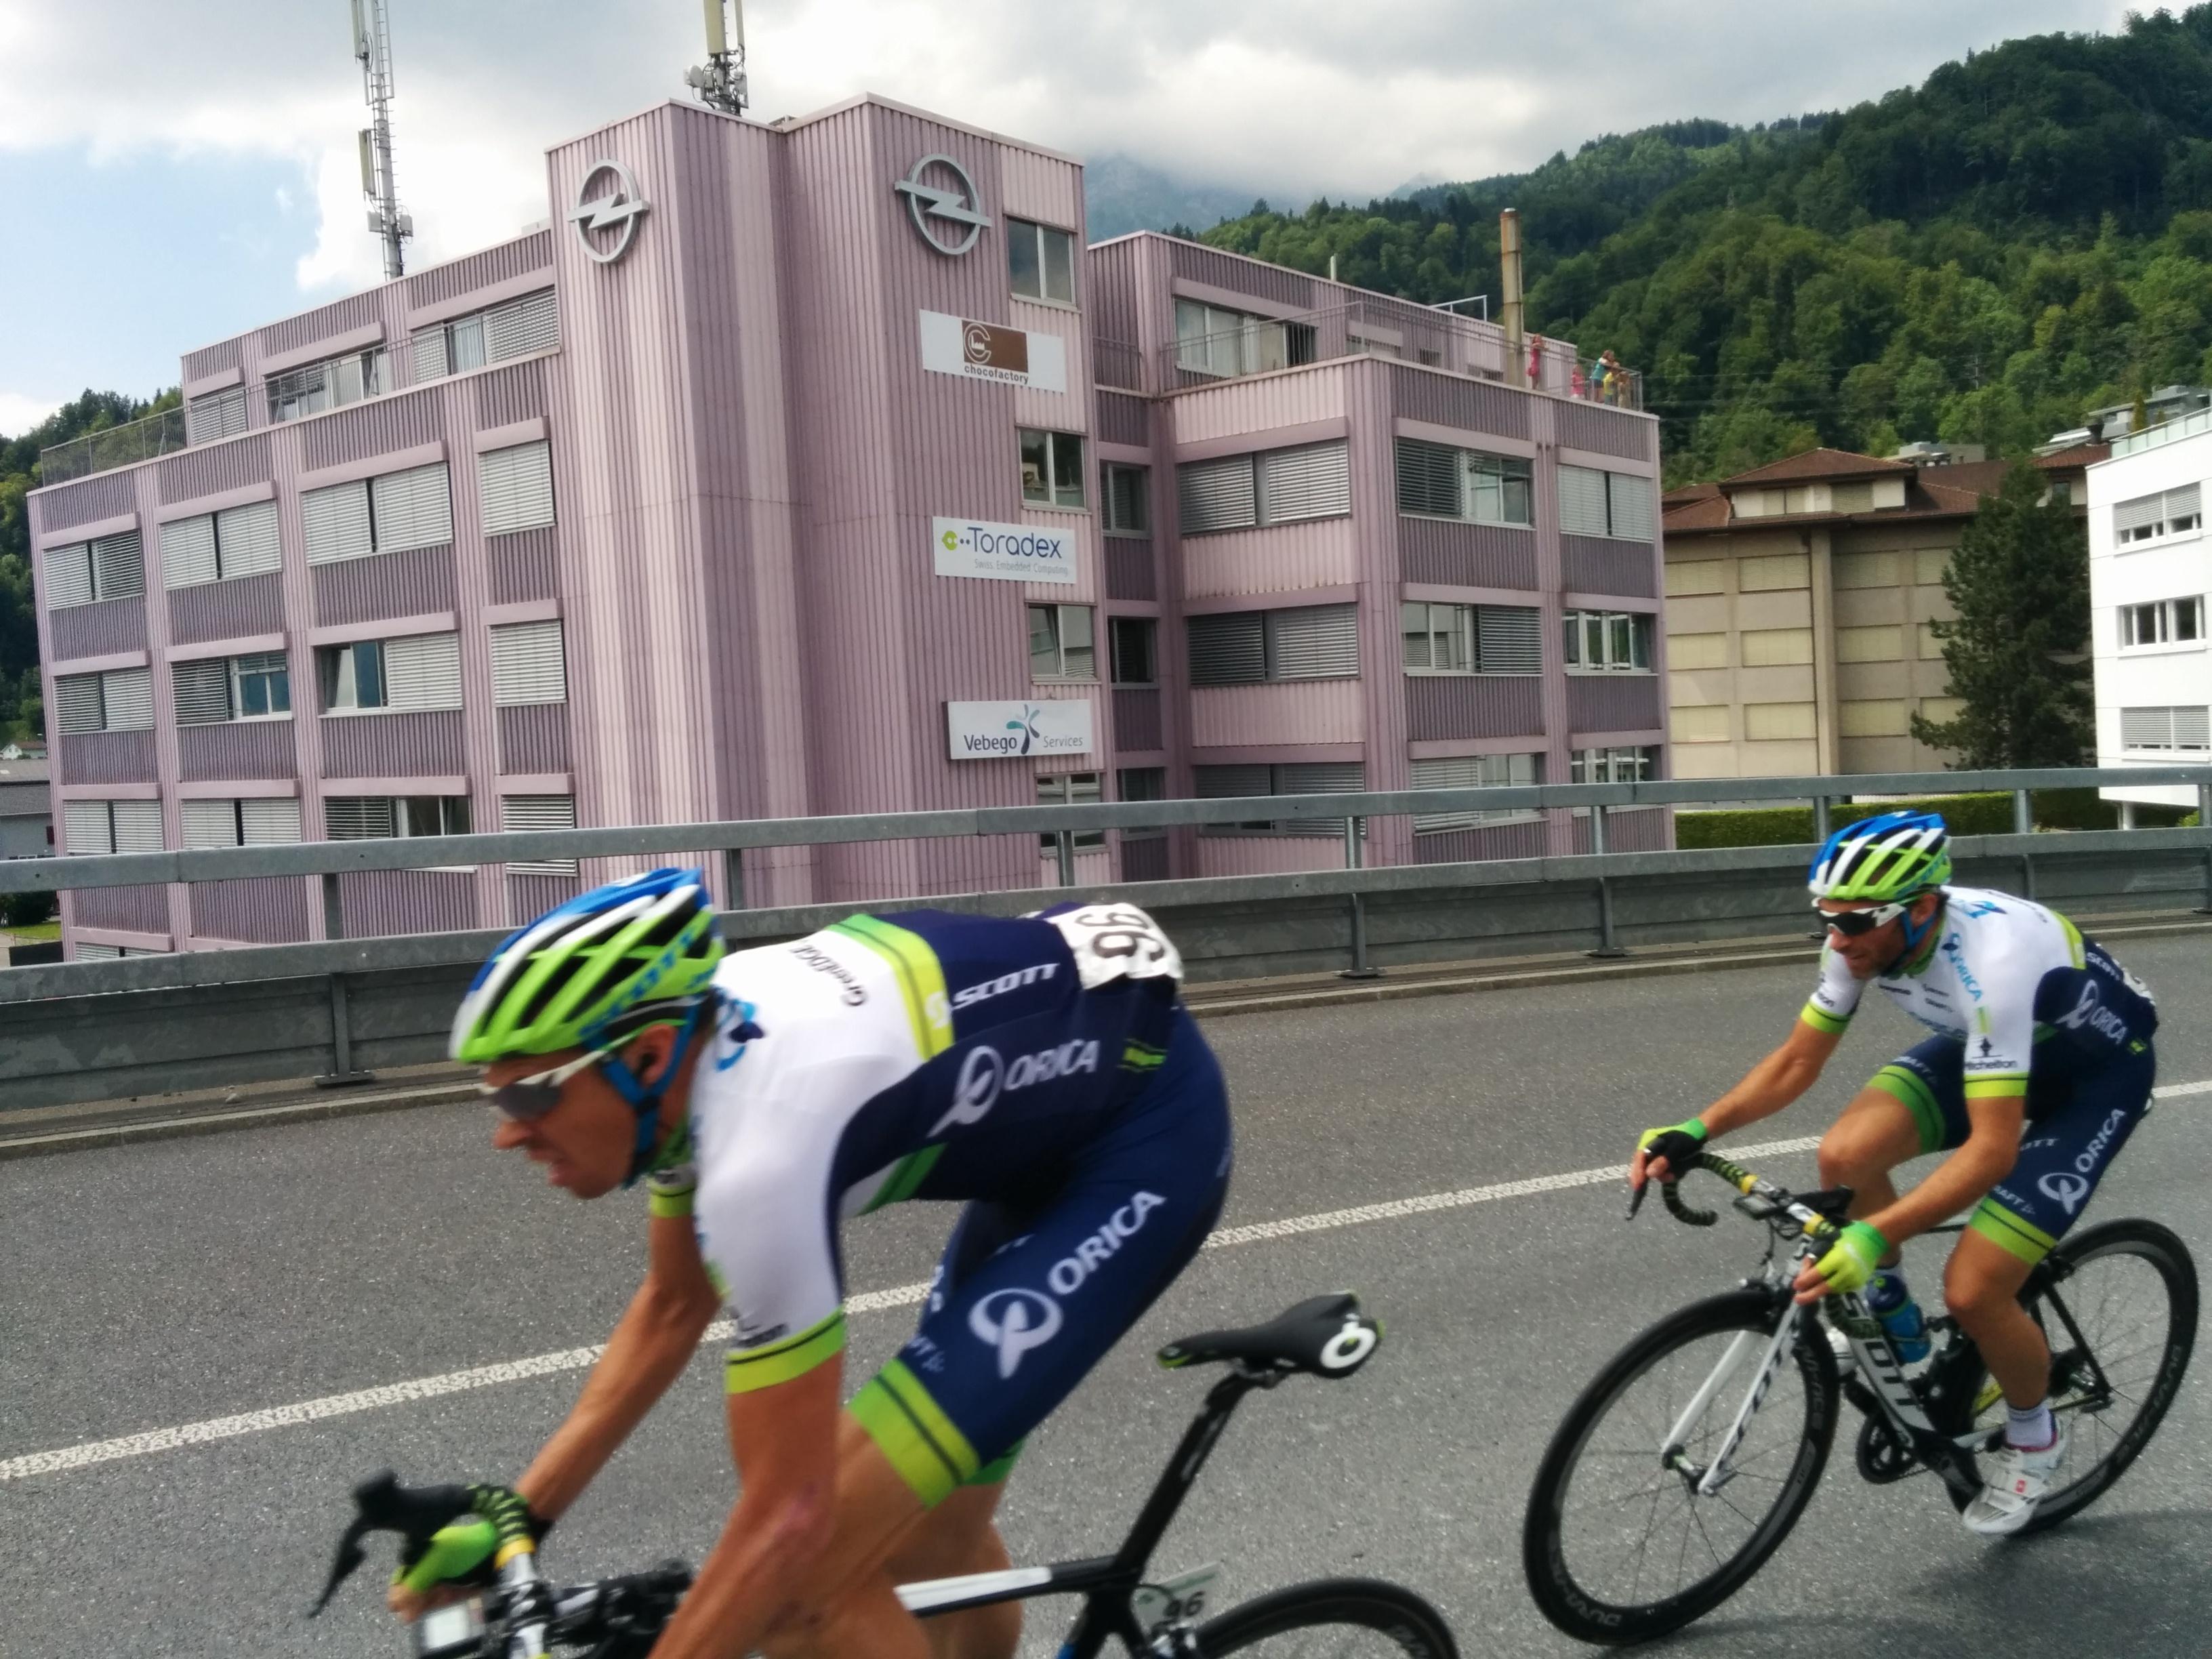 Tour de Suisse at Toradex Horw